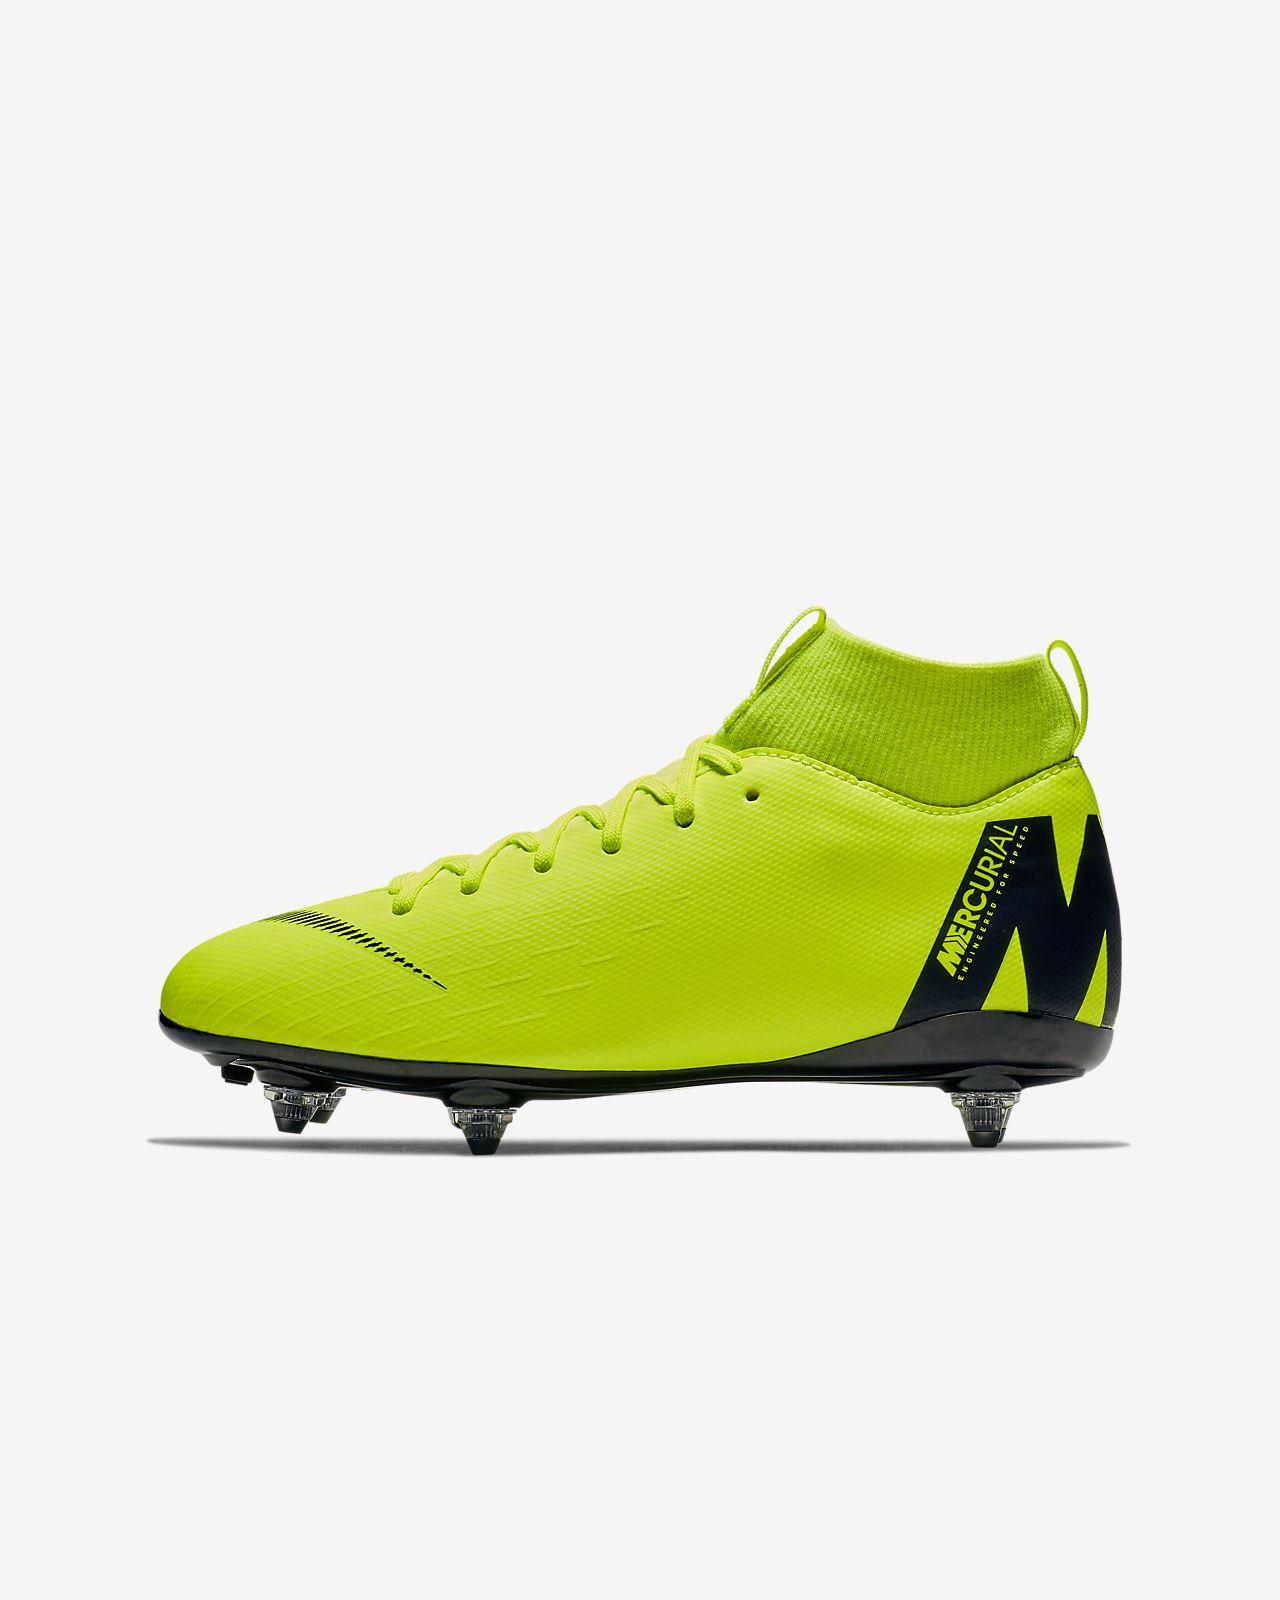 new concept 0e6cf c1e05 ... Fotbollssko för mjukt underlag Nike Jr. Mercurial Superfly VI Academy  SG-PRO för barn